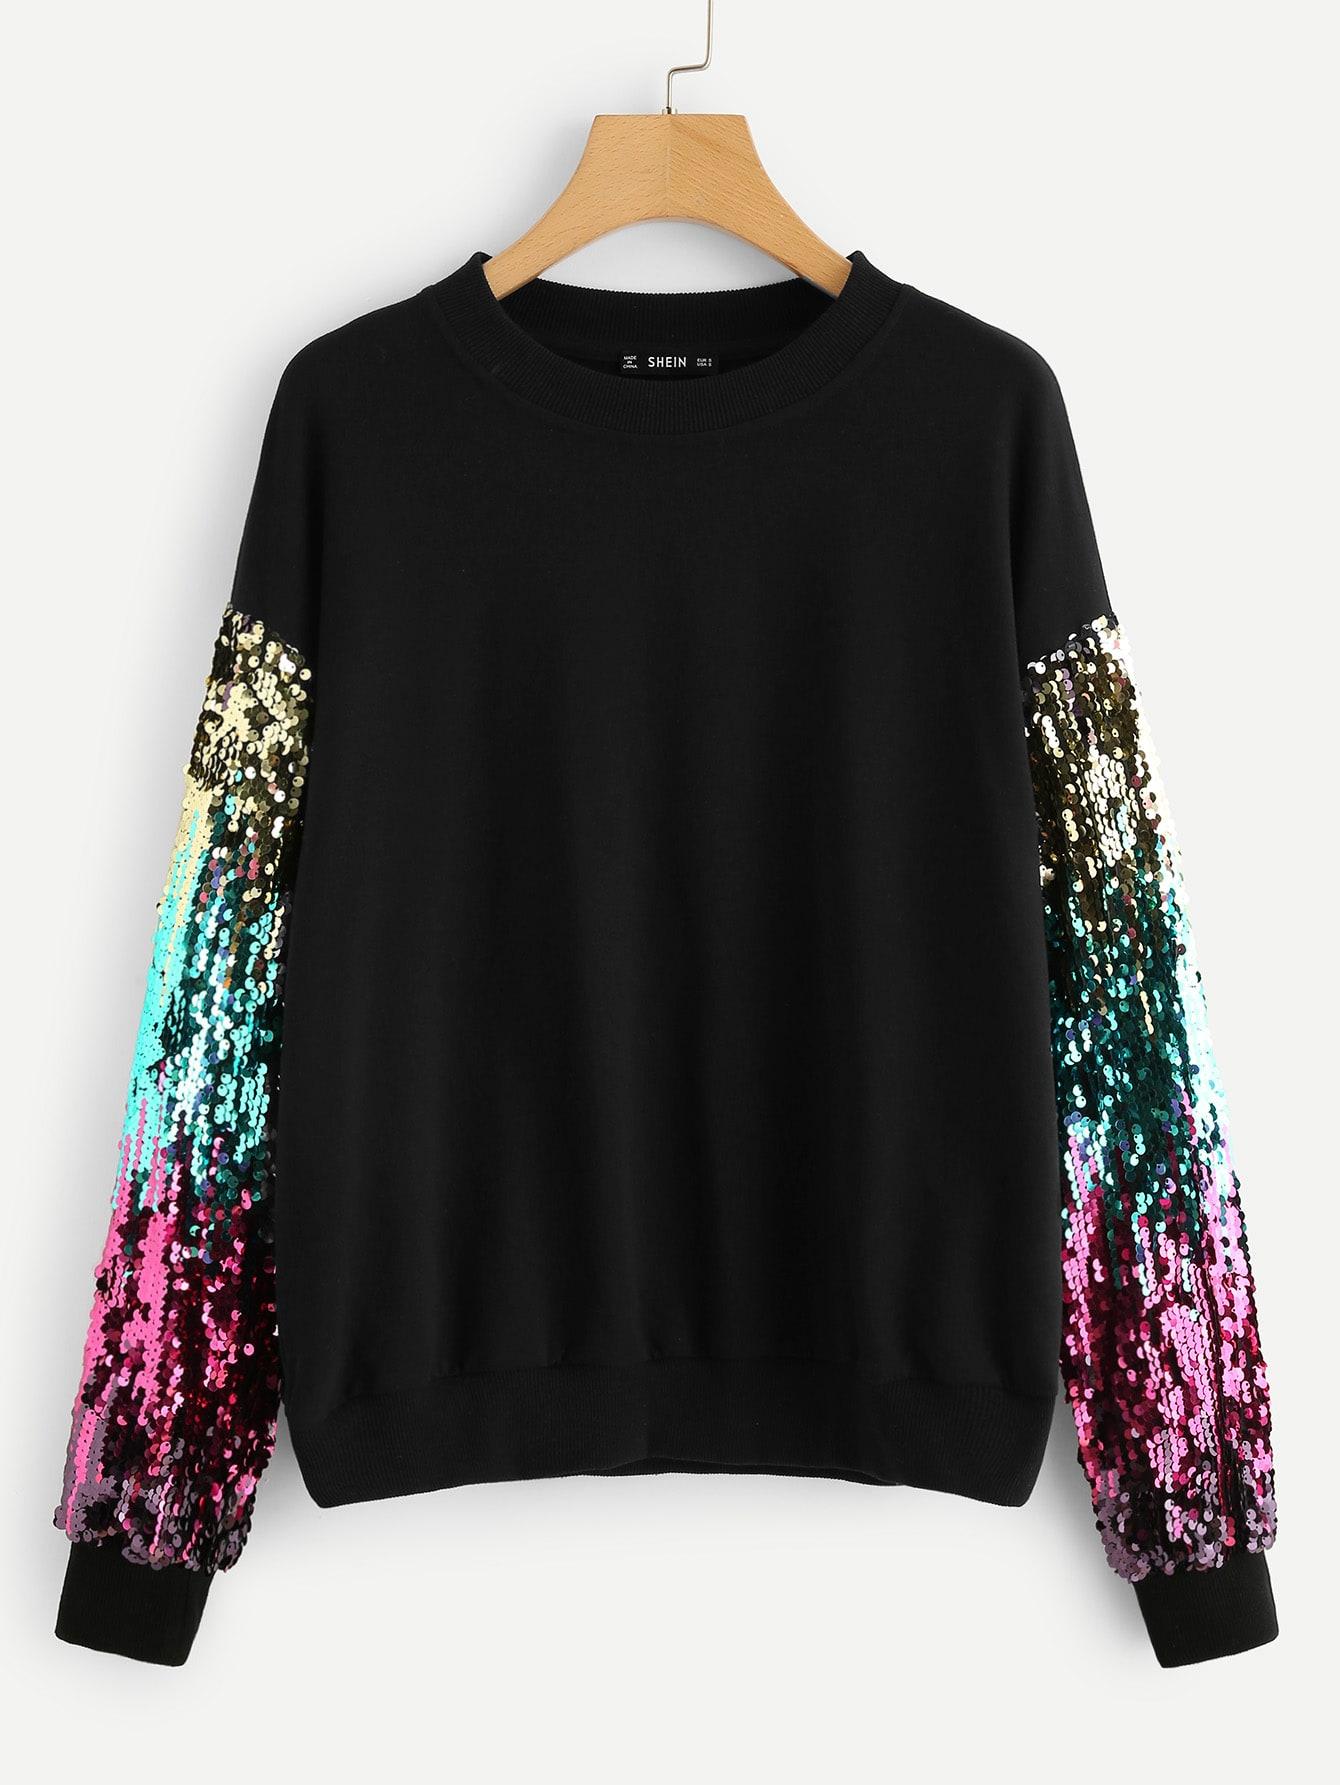 Фото - Плюс размеры контрастный пуловер с блестками от SheIn цвет чёрные